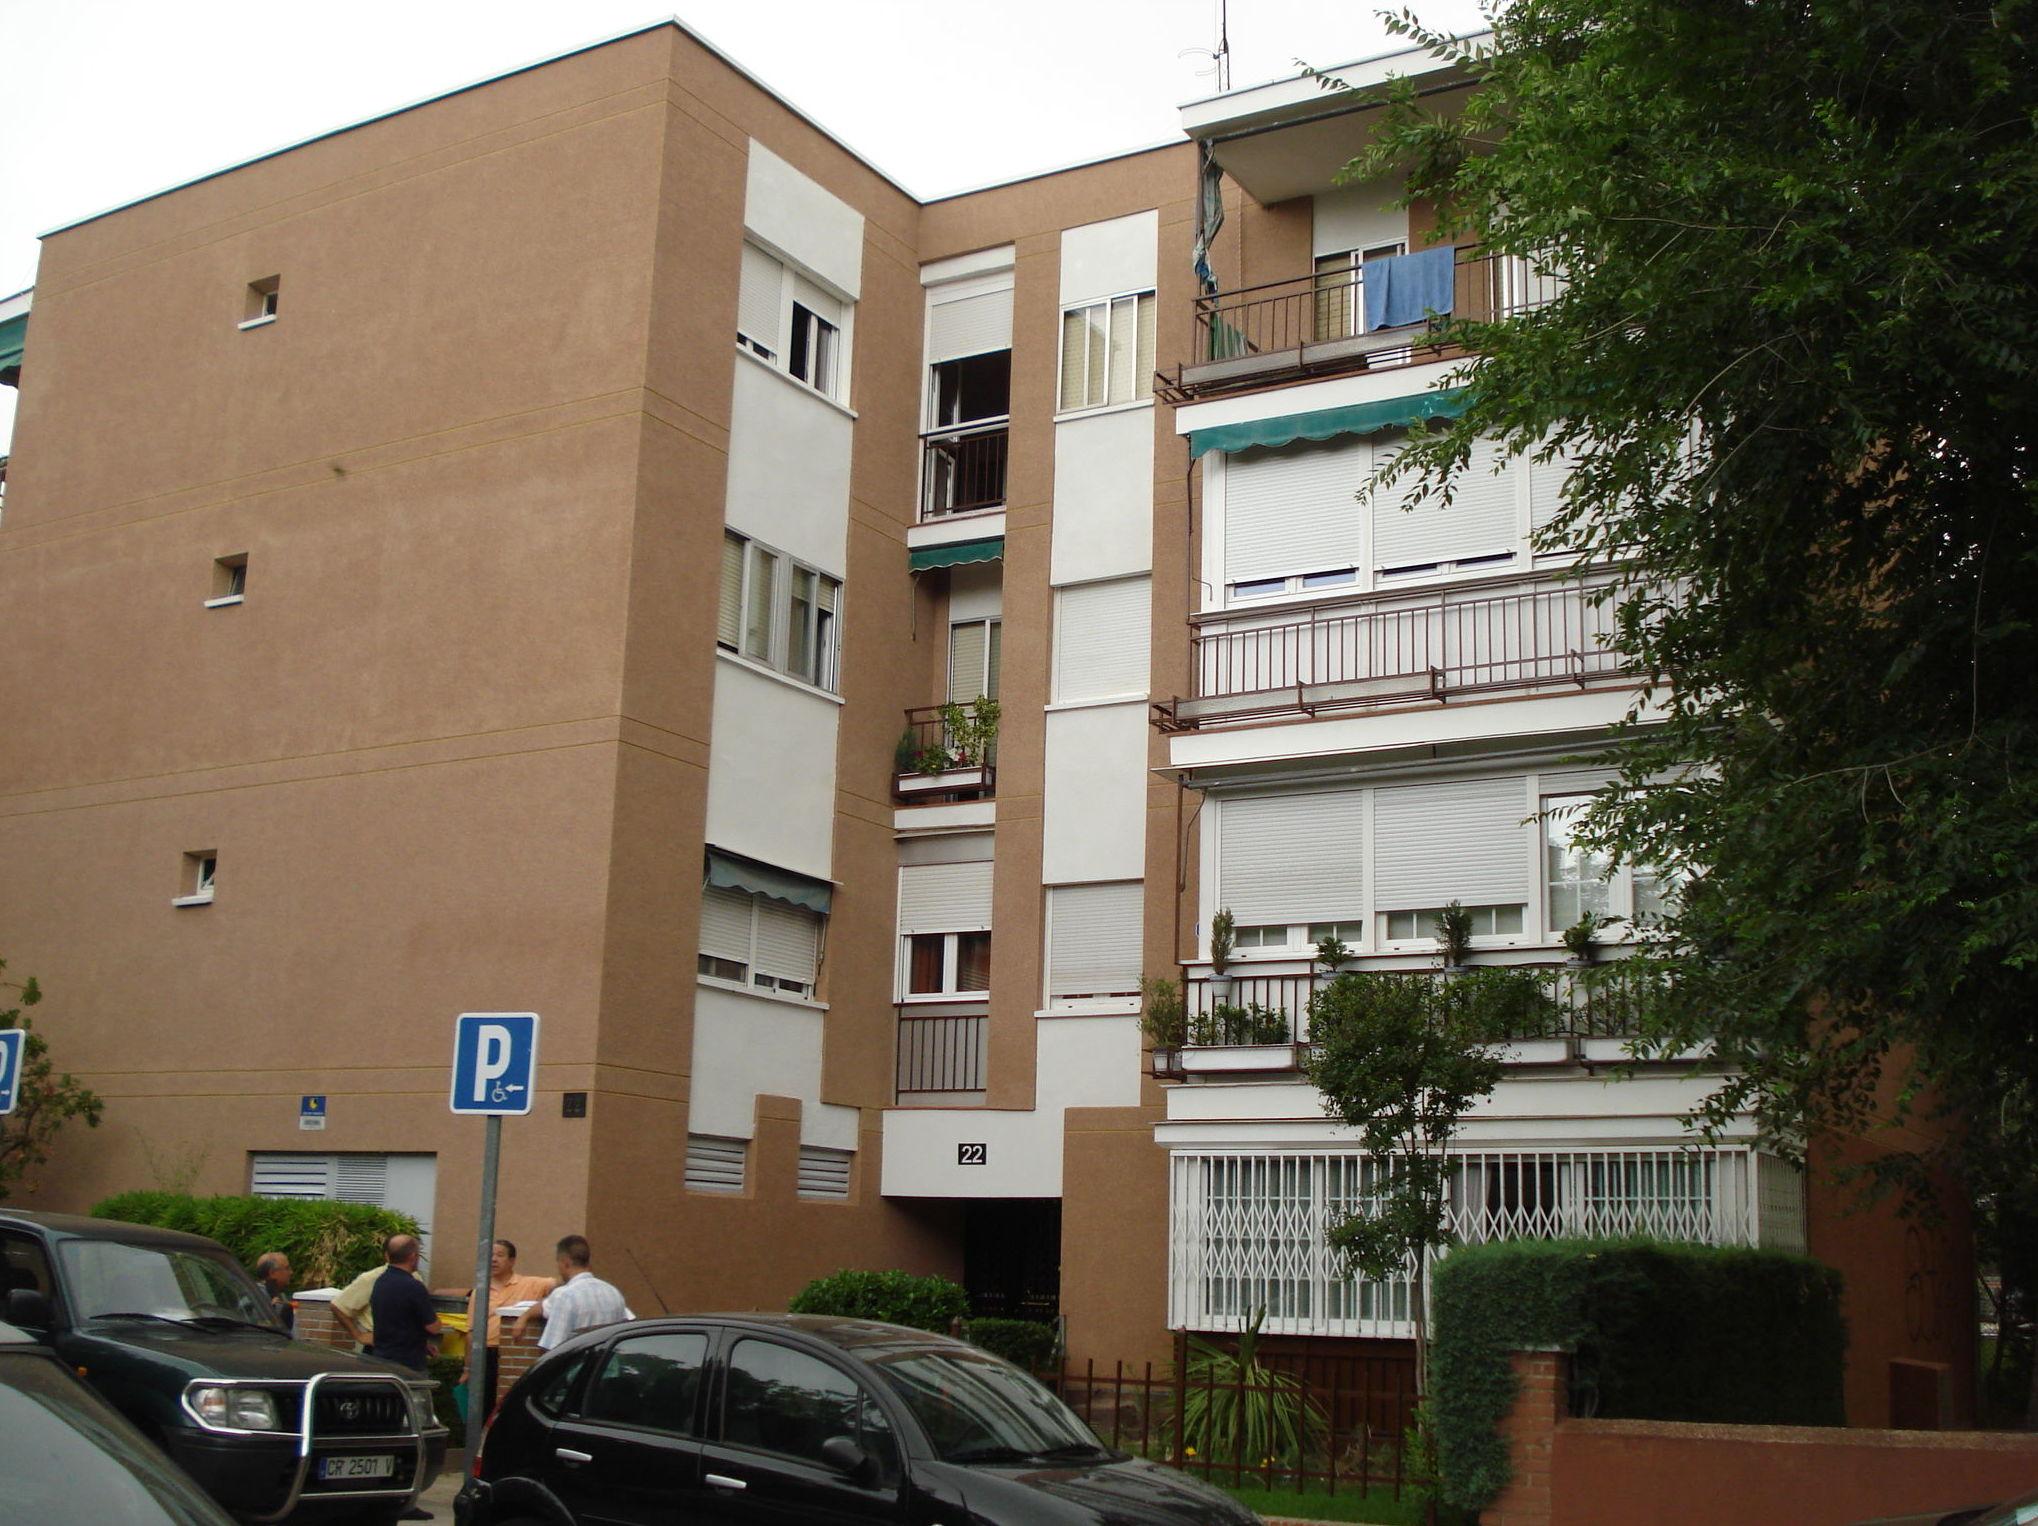 Reparación de fachada de ladrillo. Estado reformado. Revestimiento monocapa (1)